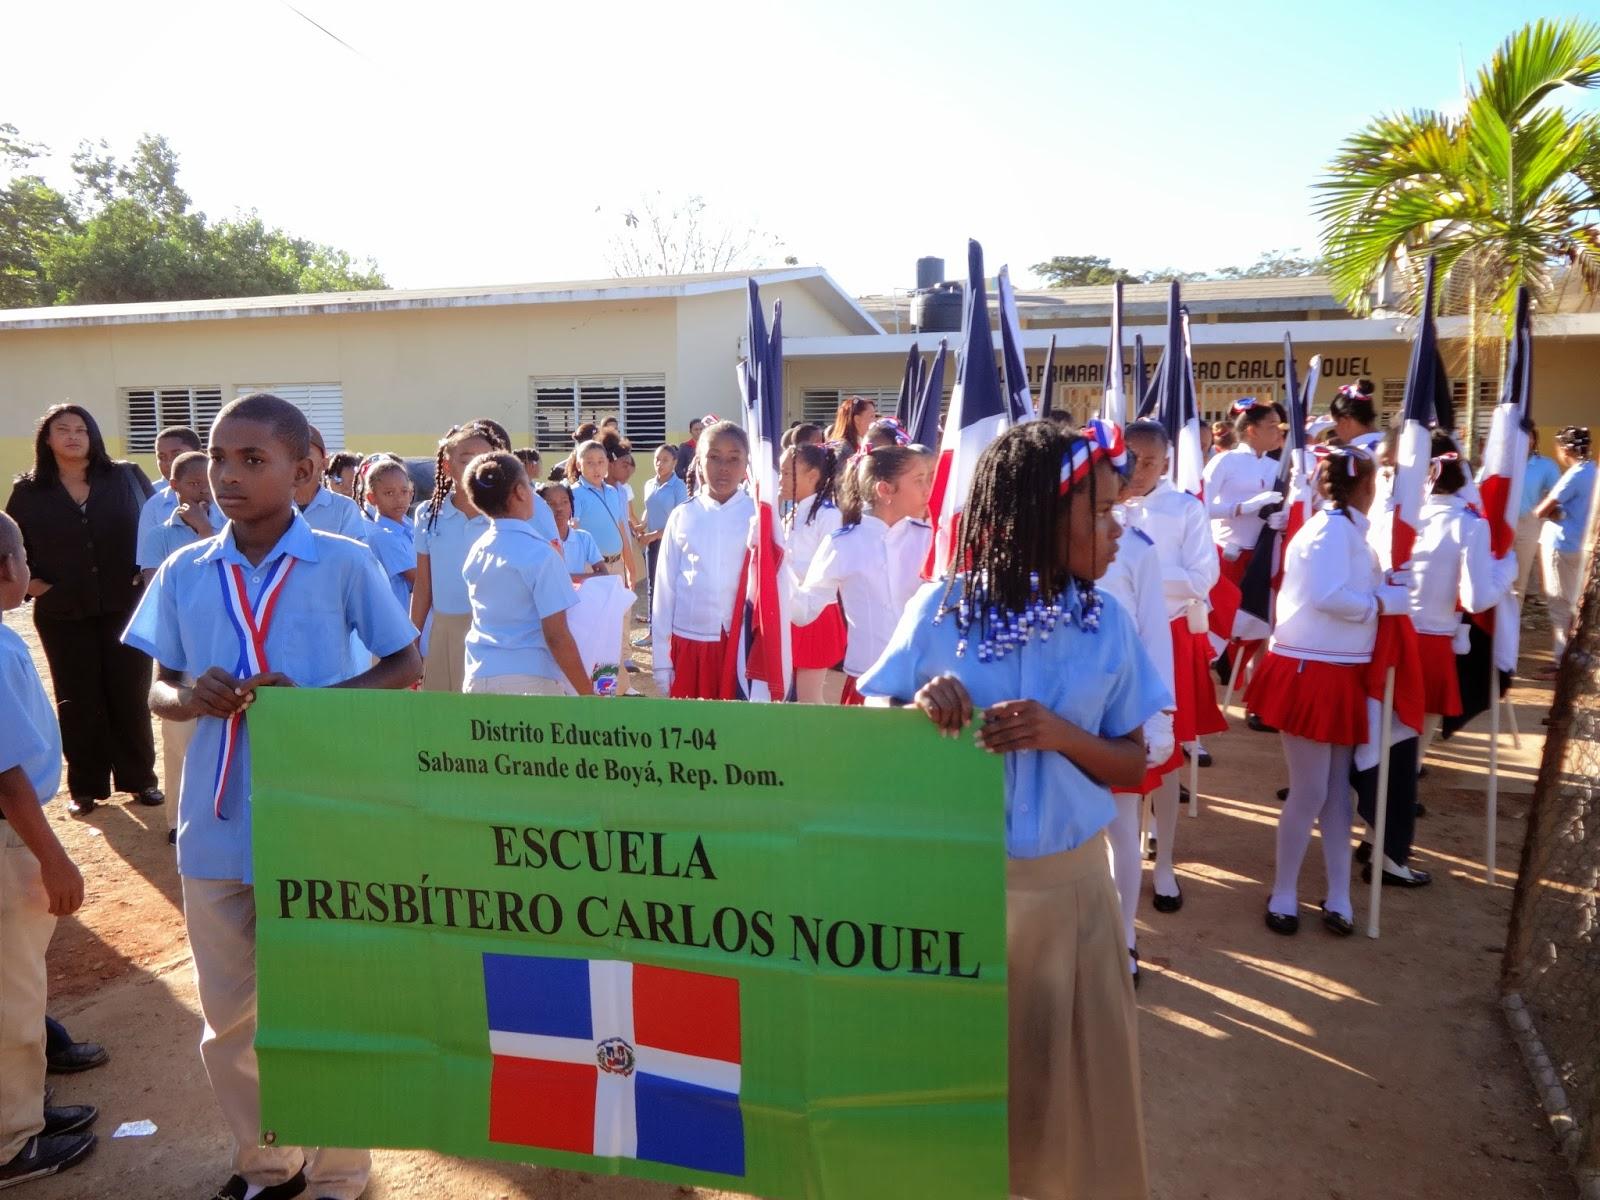 Escuela Presbitero Carlos Nouel